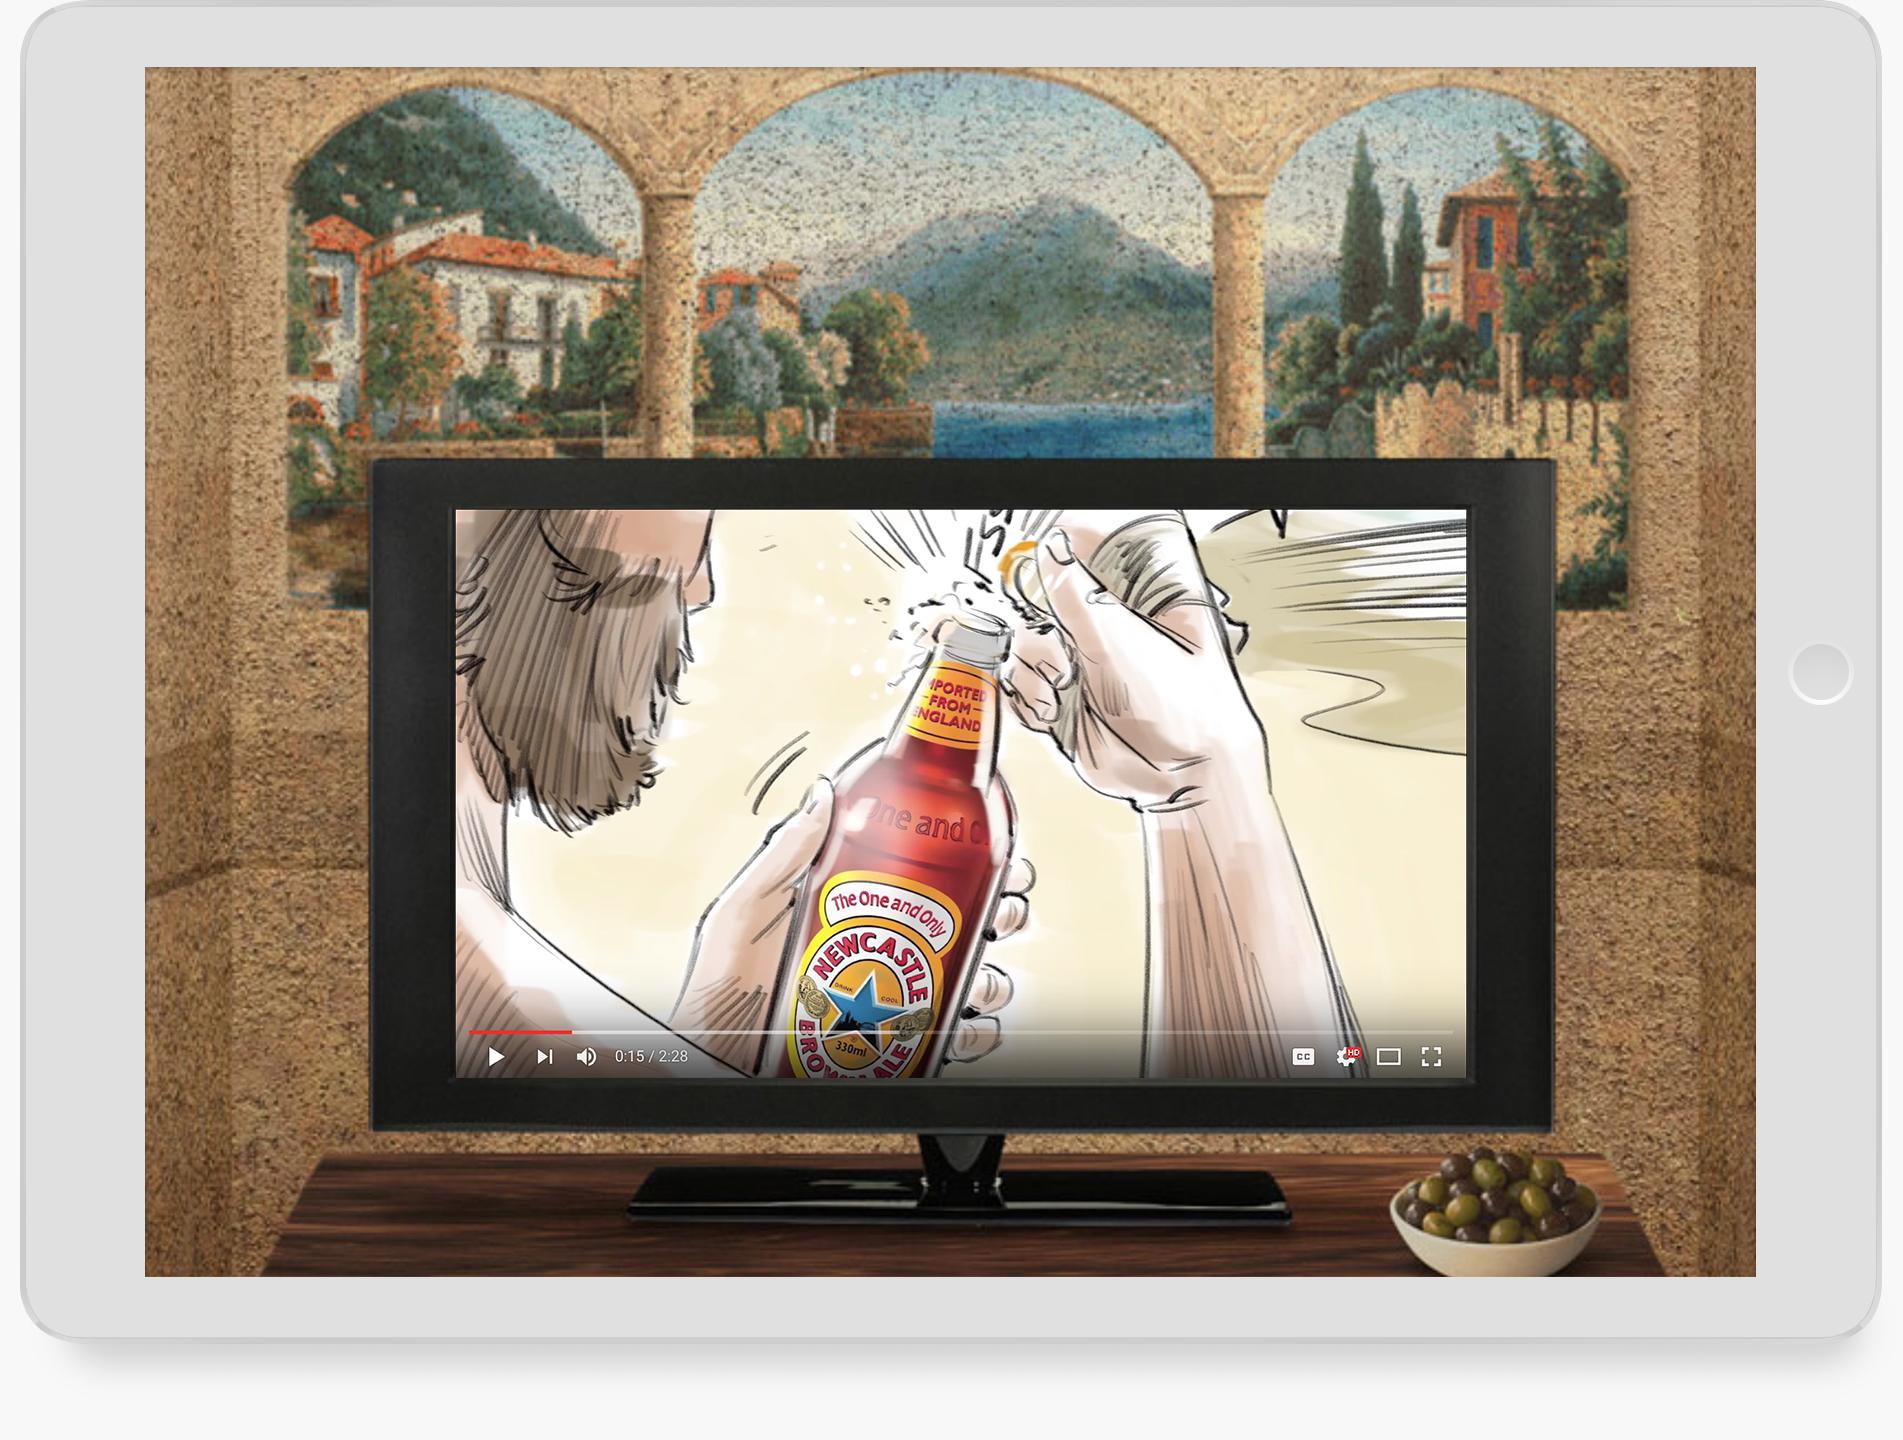 ipad_beerplay_3.jpg